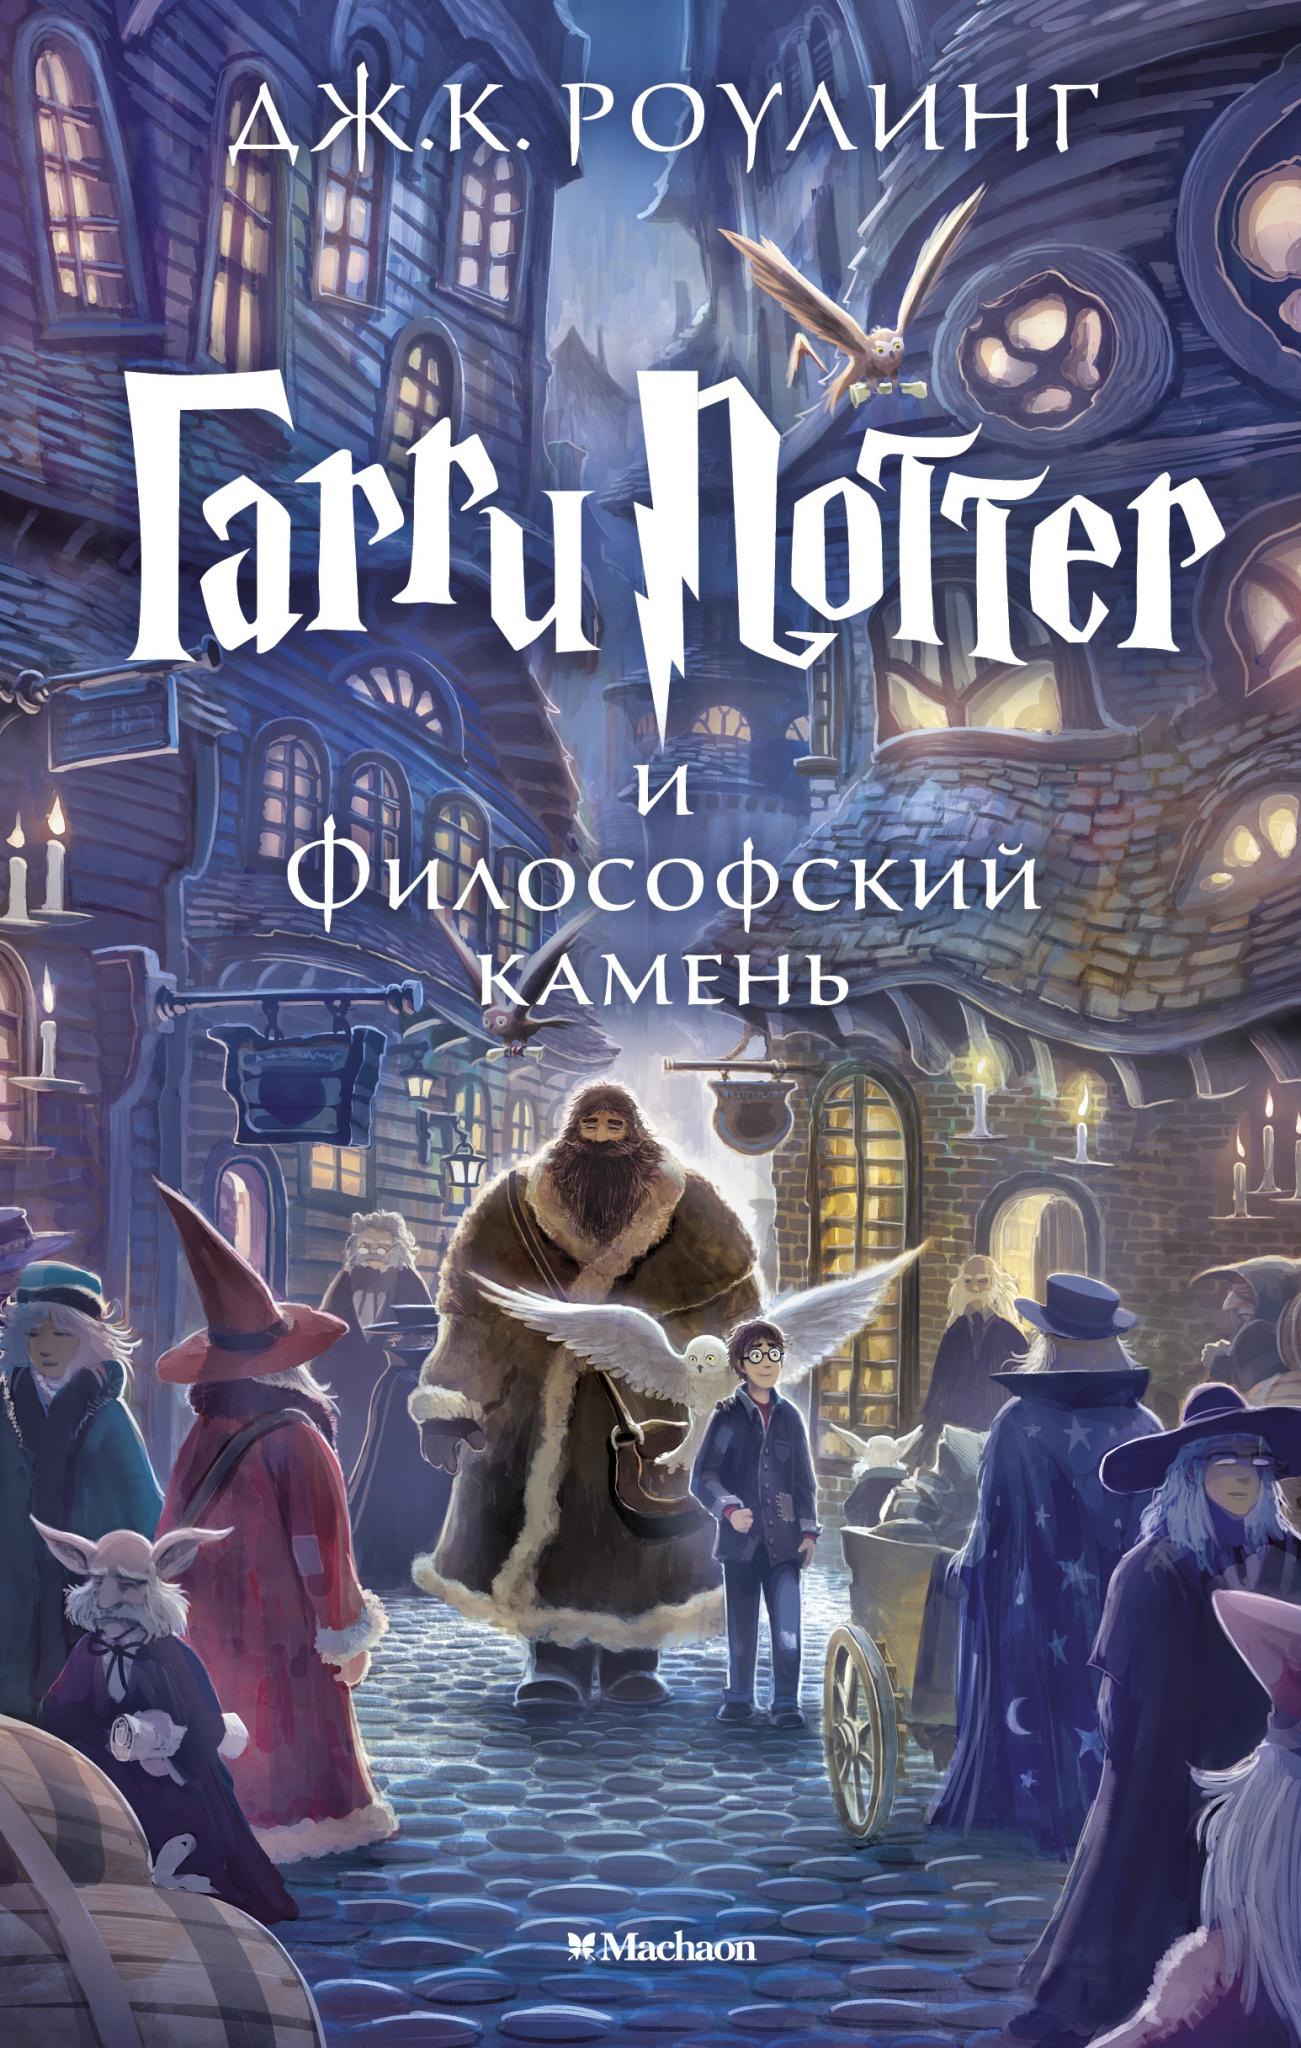 Гарри поттер скачать книги с переводом росмэн